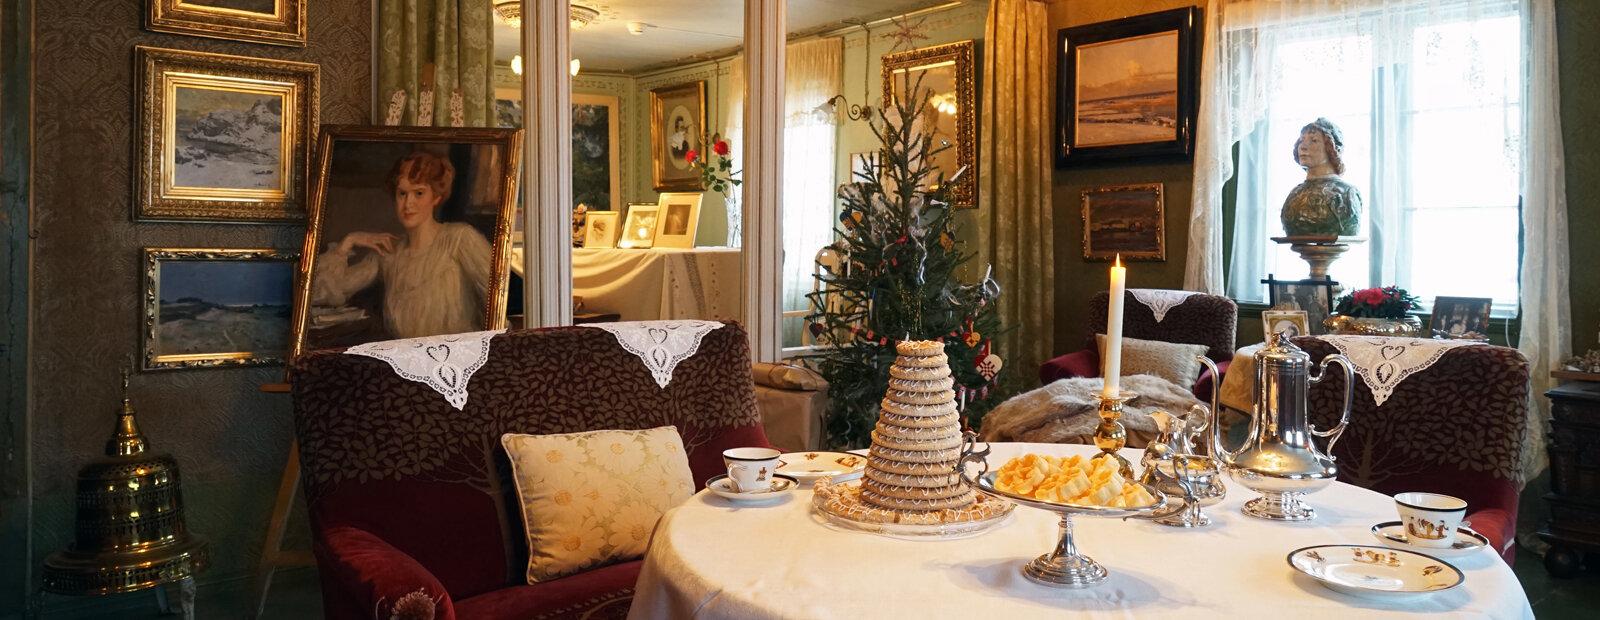 Bord dekket til jul med juletre i bakgrunnen.